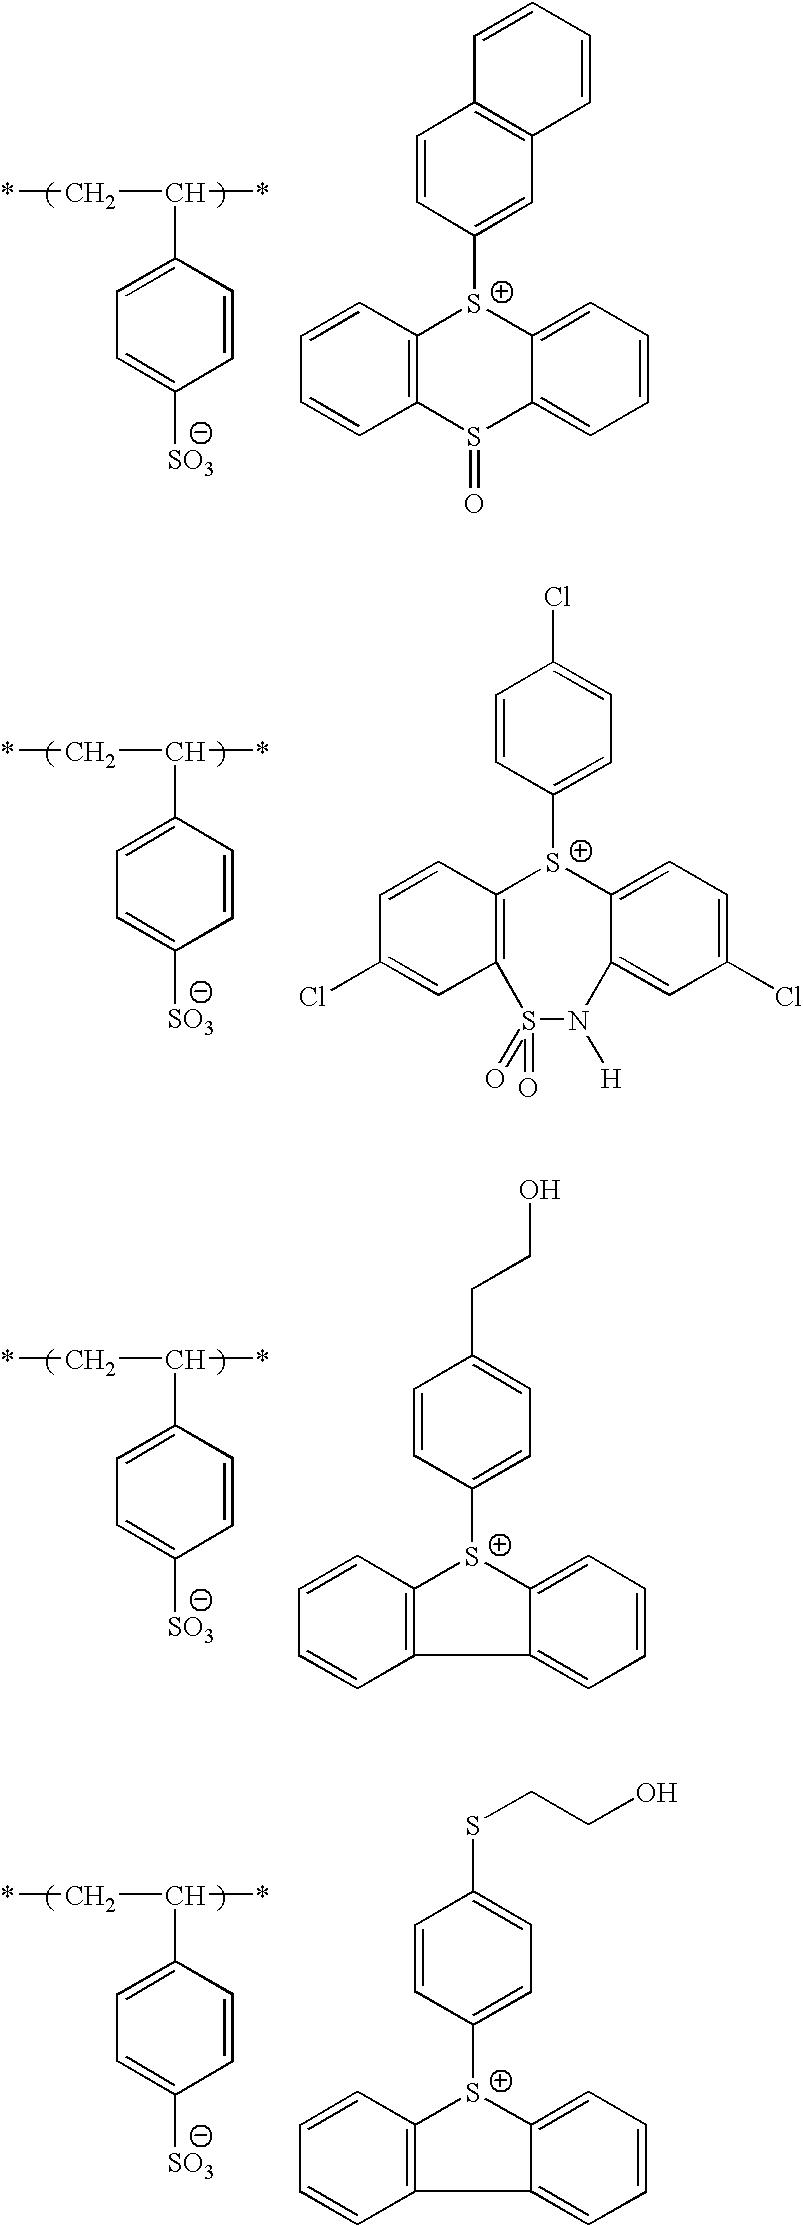 Figure US08852845-20141007-C00054